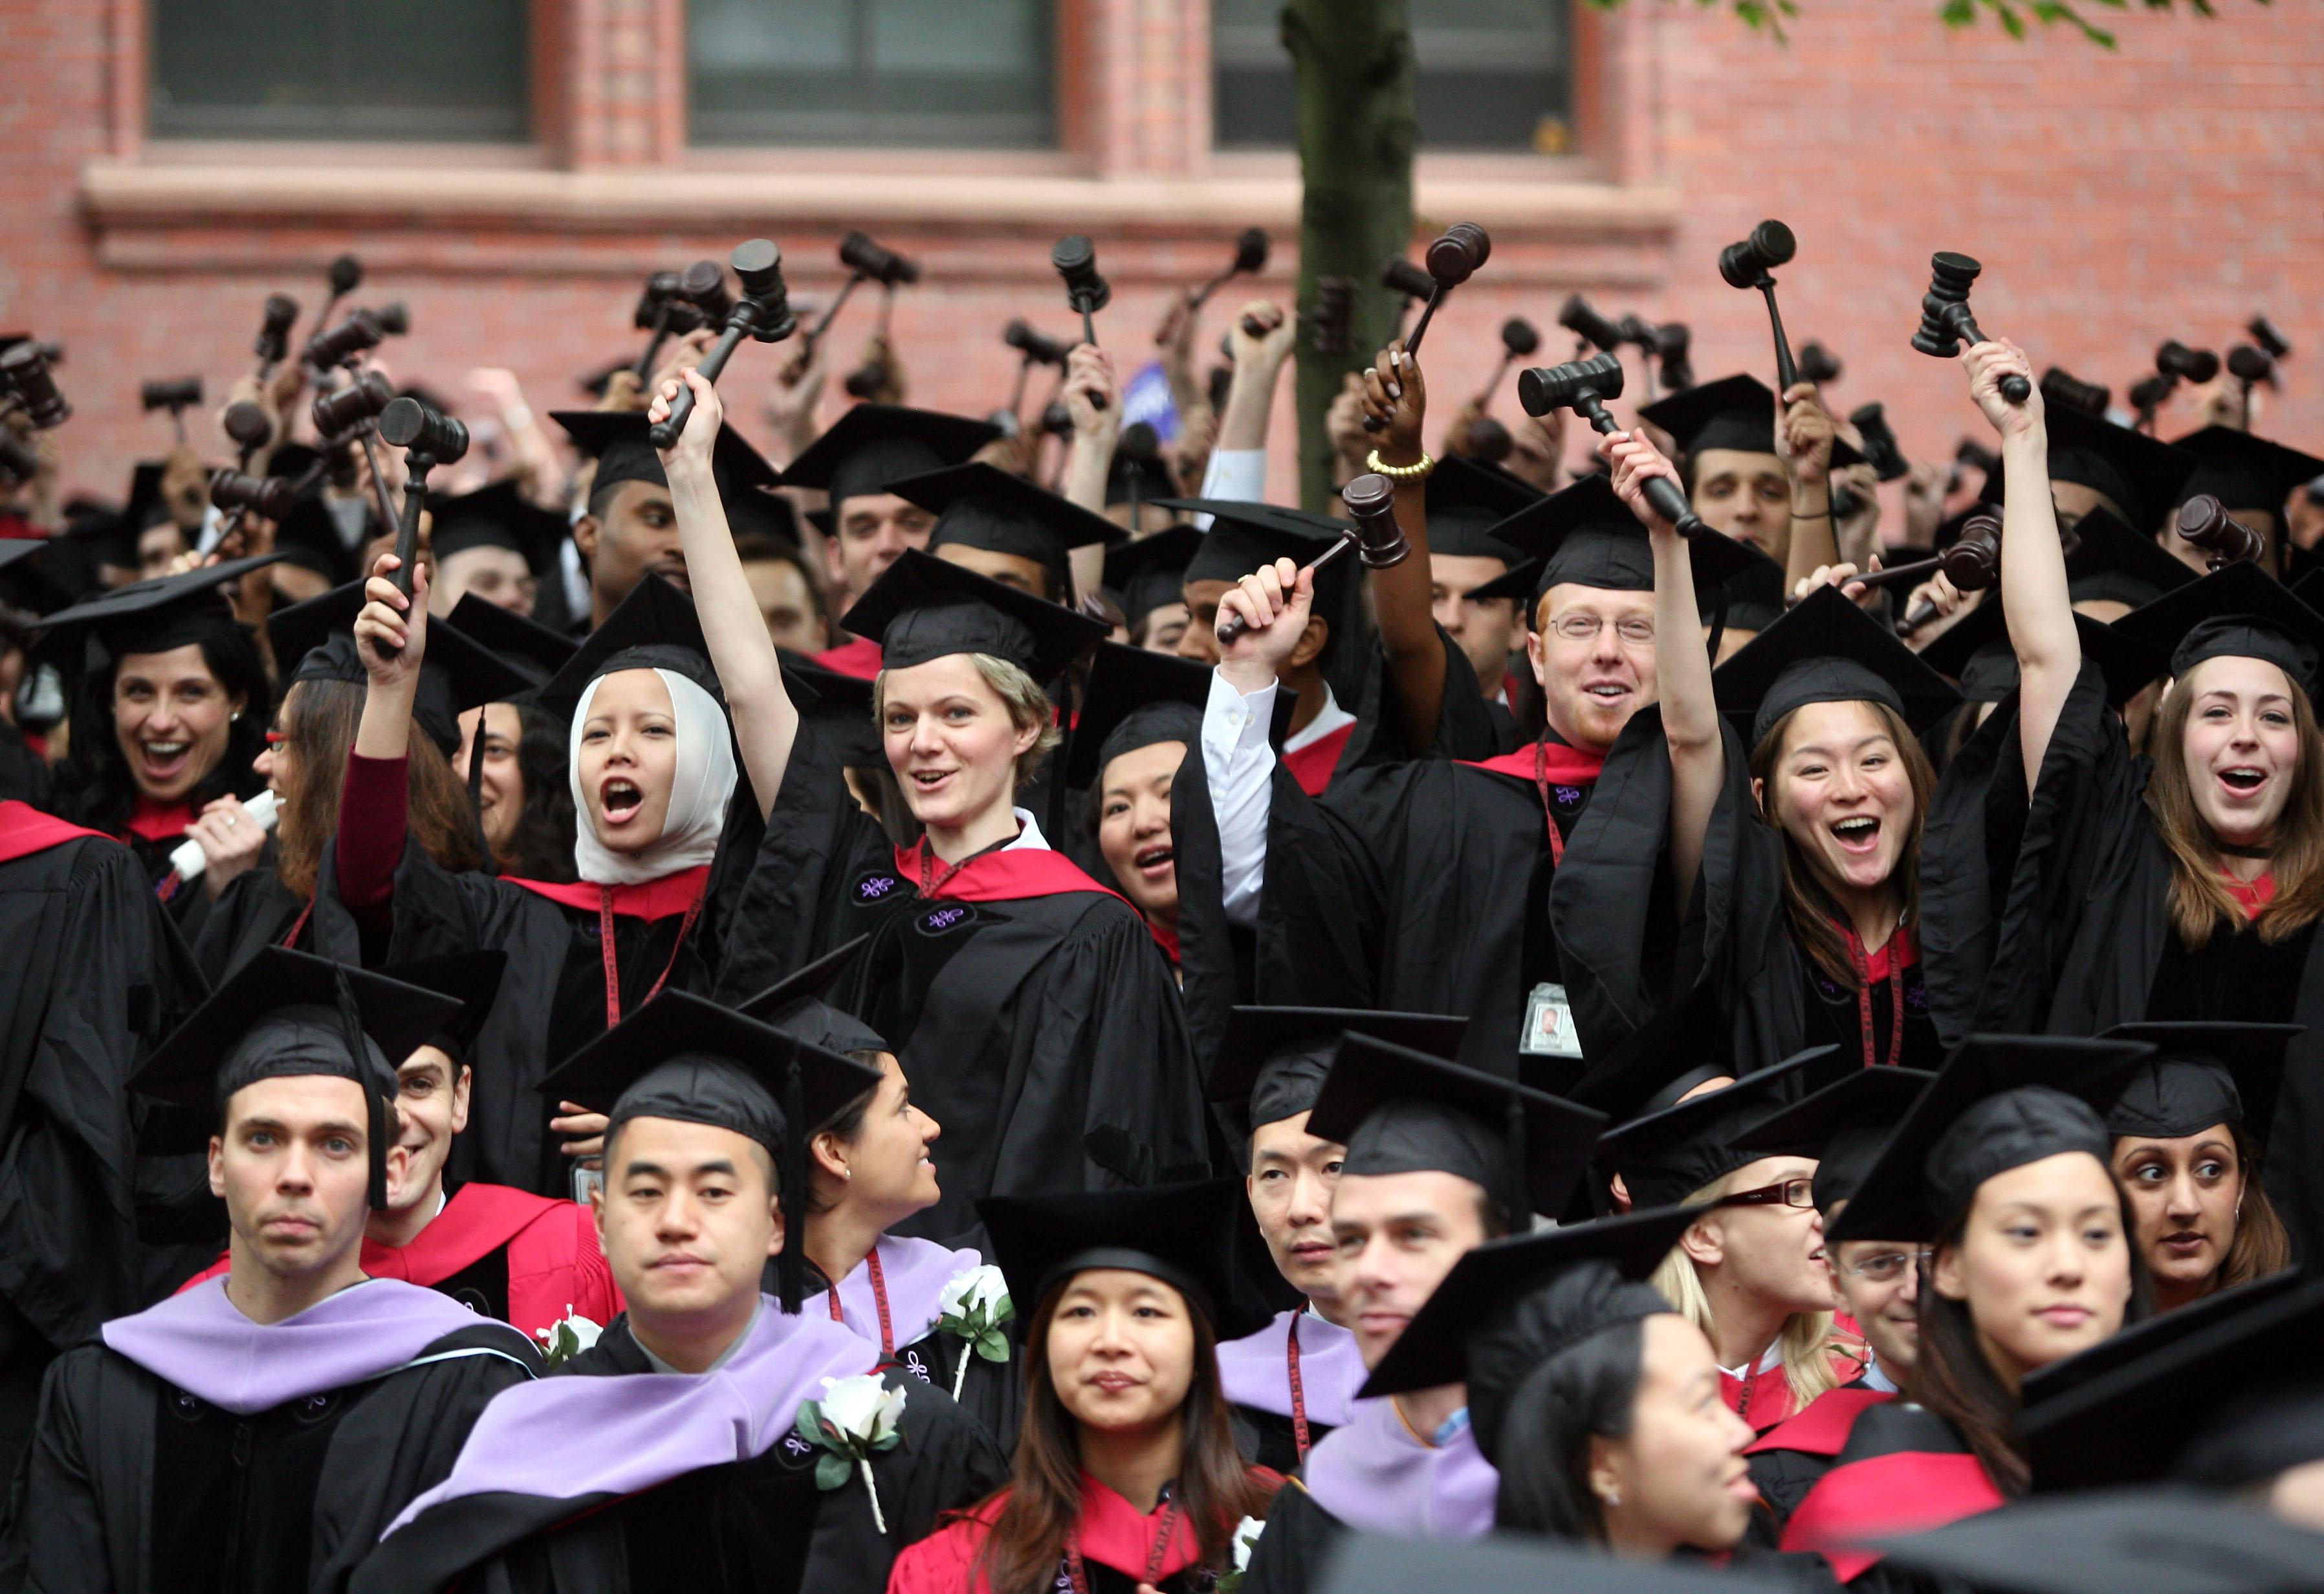 哈佛大學(今年入學)2023屆(畢業的)新生中,錄取的亞裔佔到25.4%,創下新高。 (Robert Spencer/Getty Images)